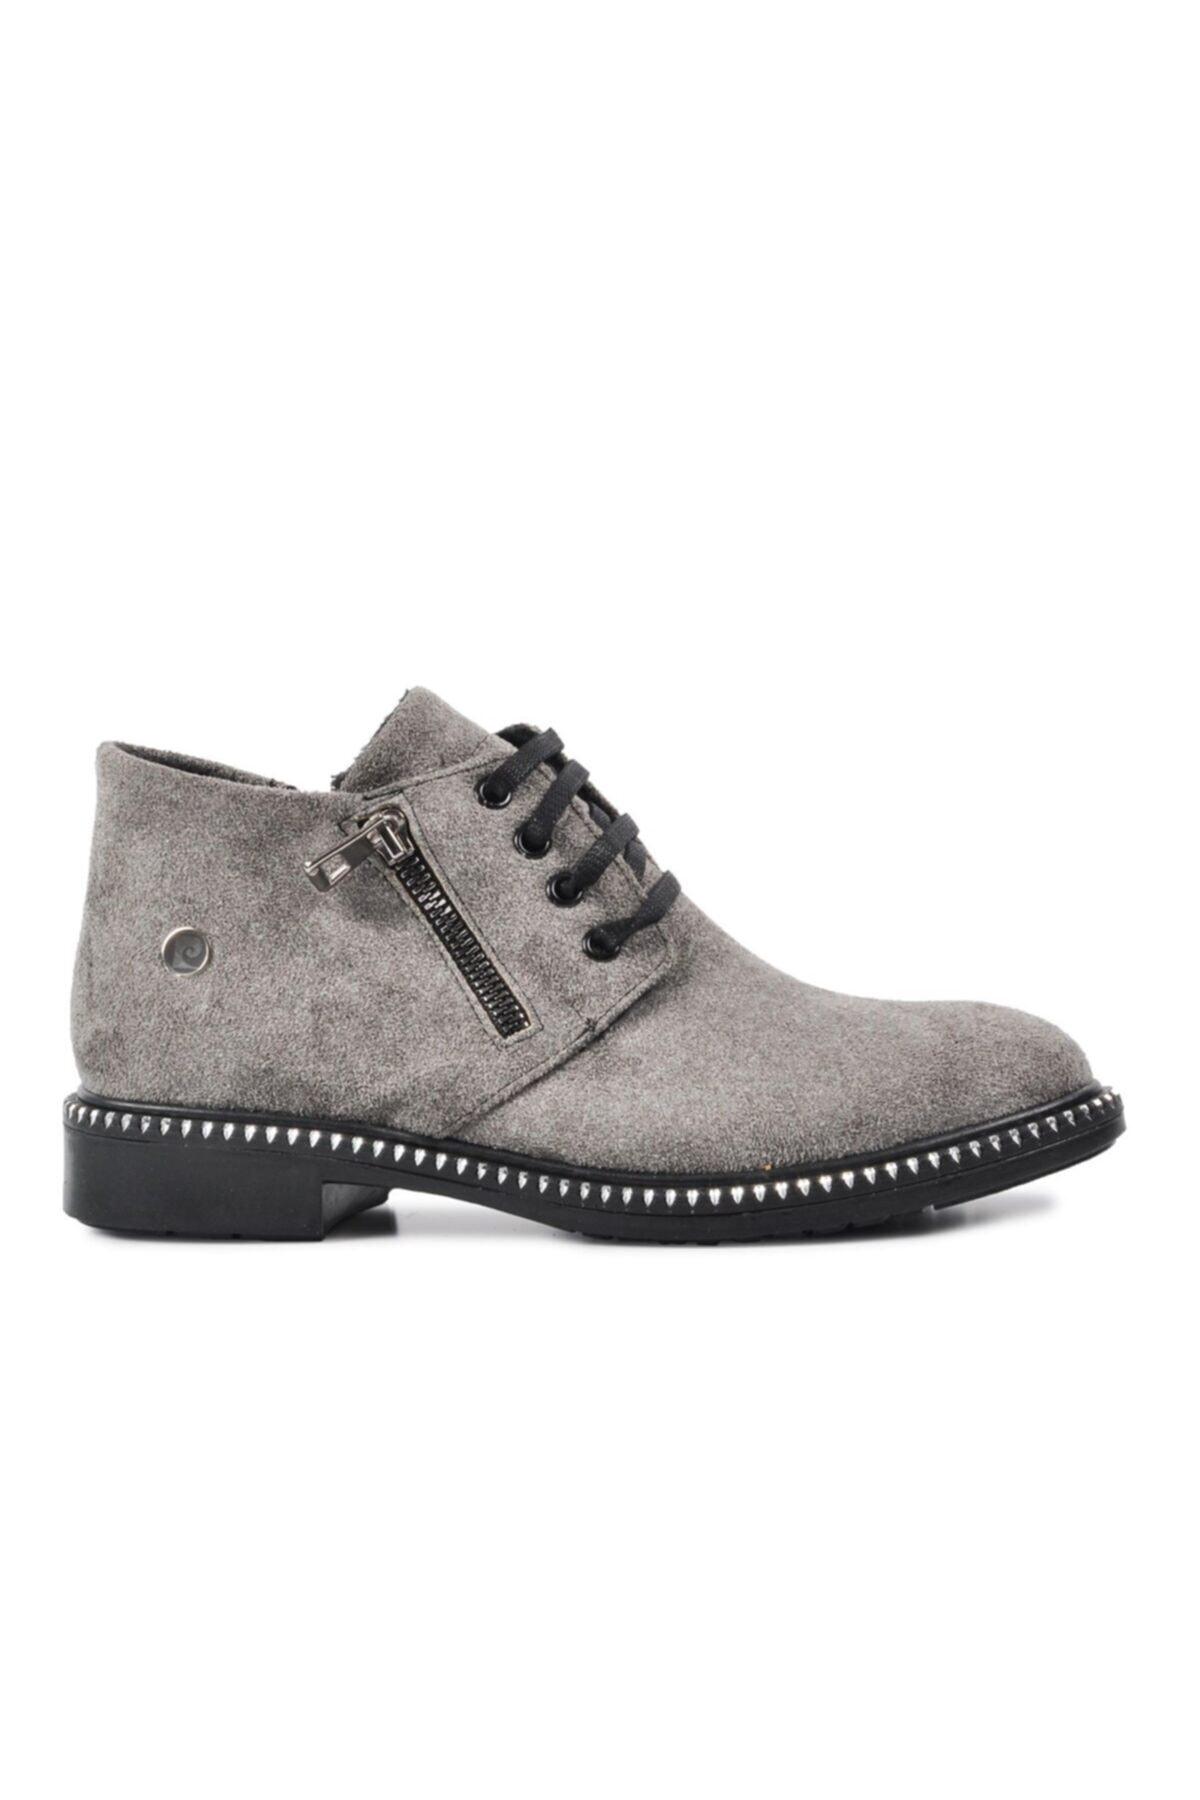 Pierre Cardin Kadın Gri Ayakkabı 1